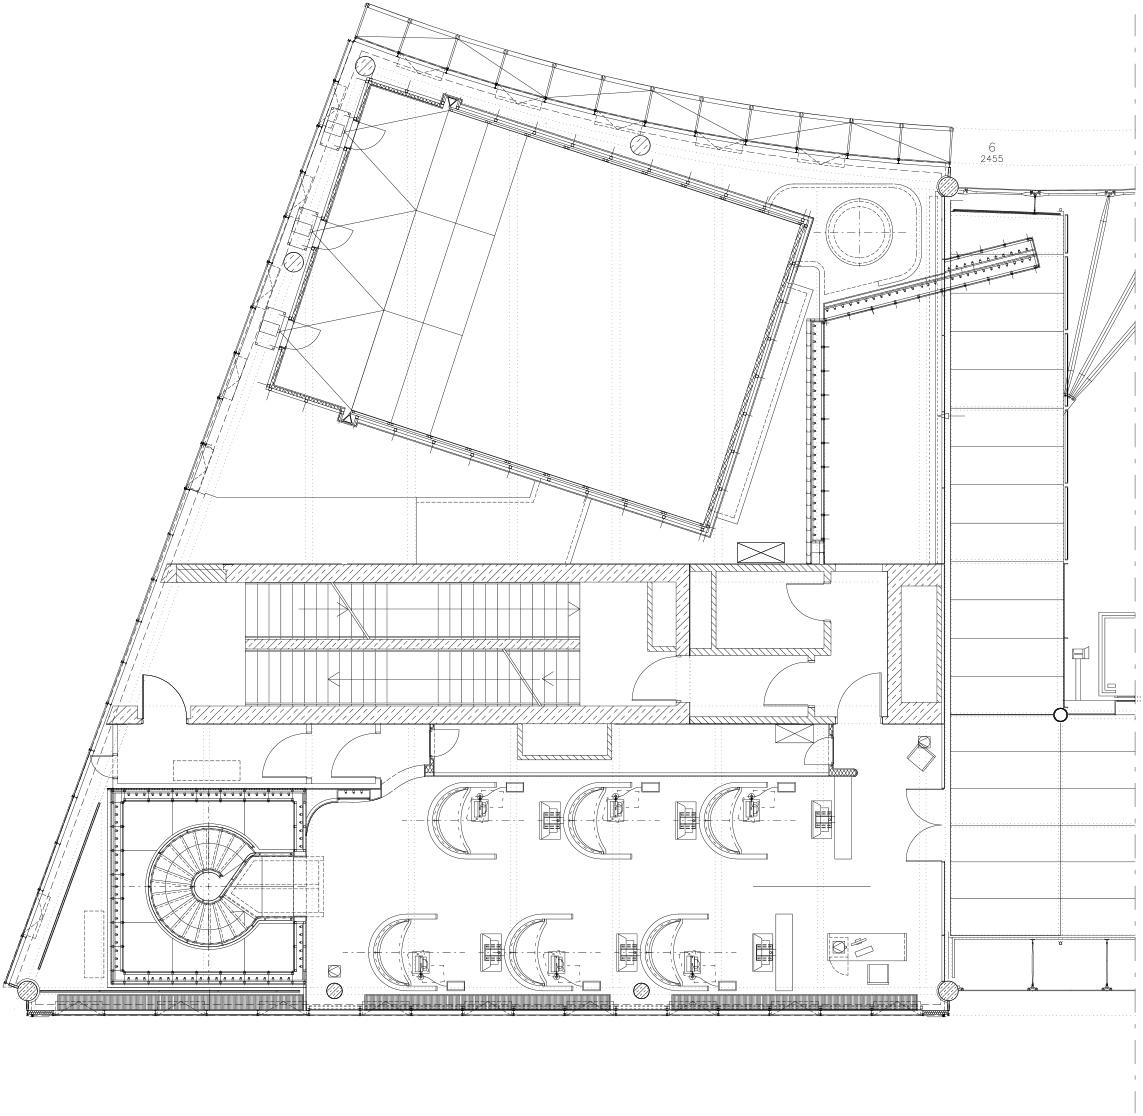 Grundriss zweites von insgesamt 3 Teilgeschossen